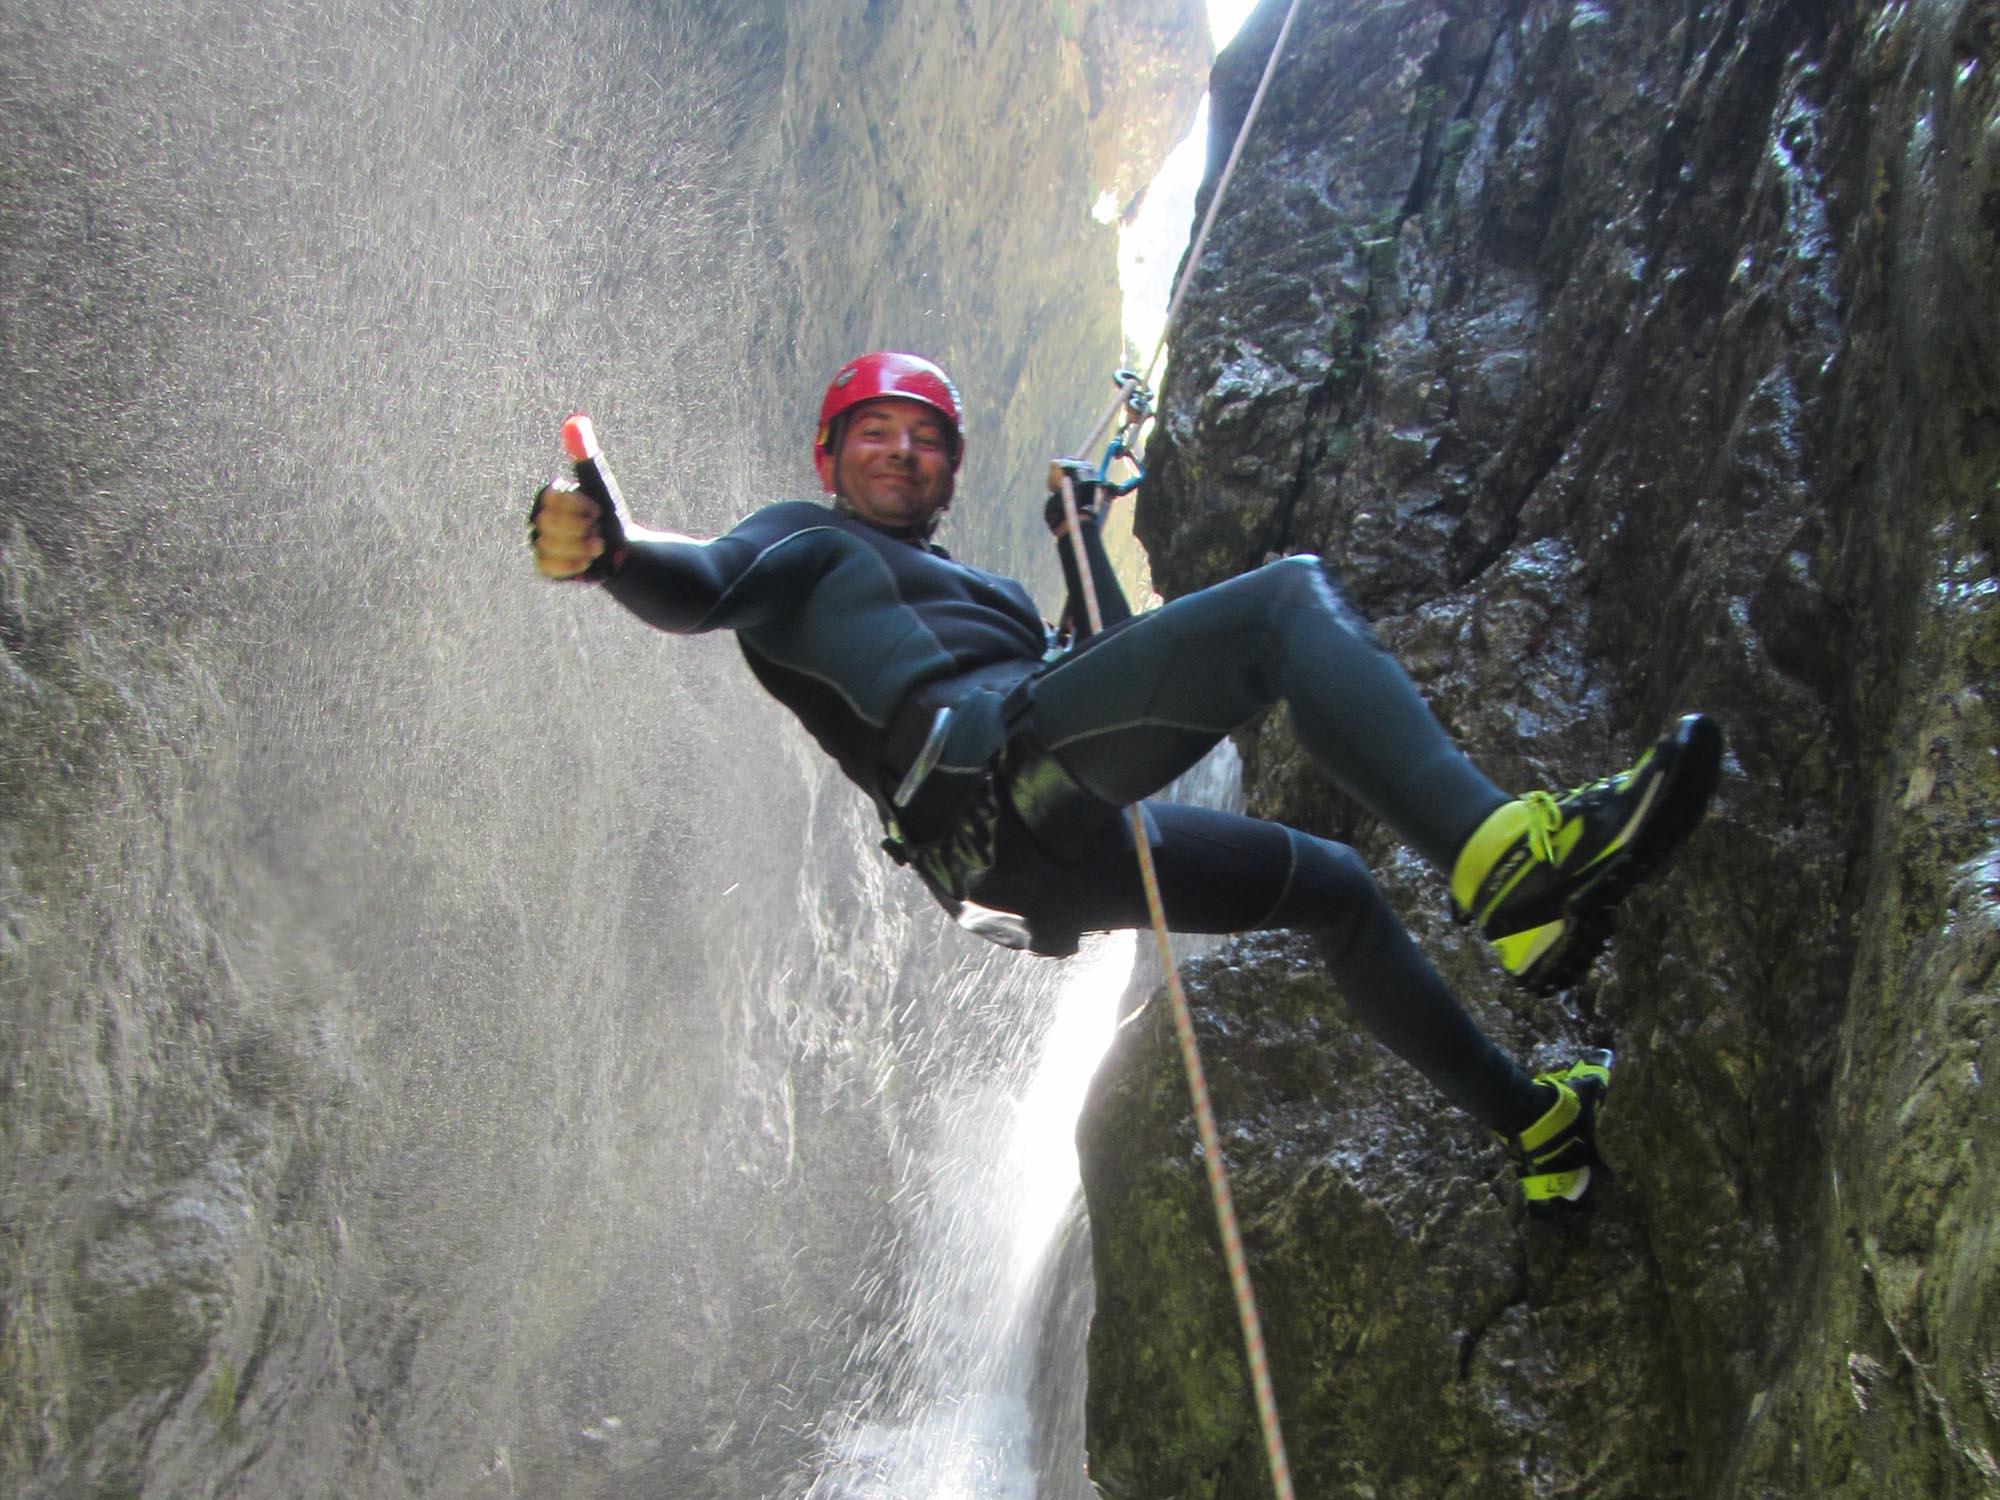 Torrente Tignale Percorso Canyoning Trentino